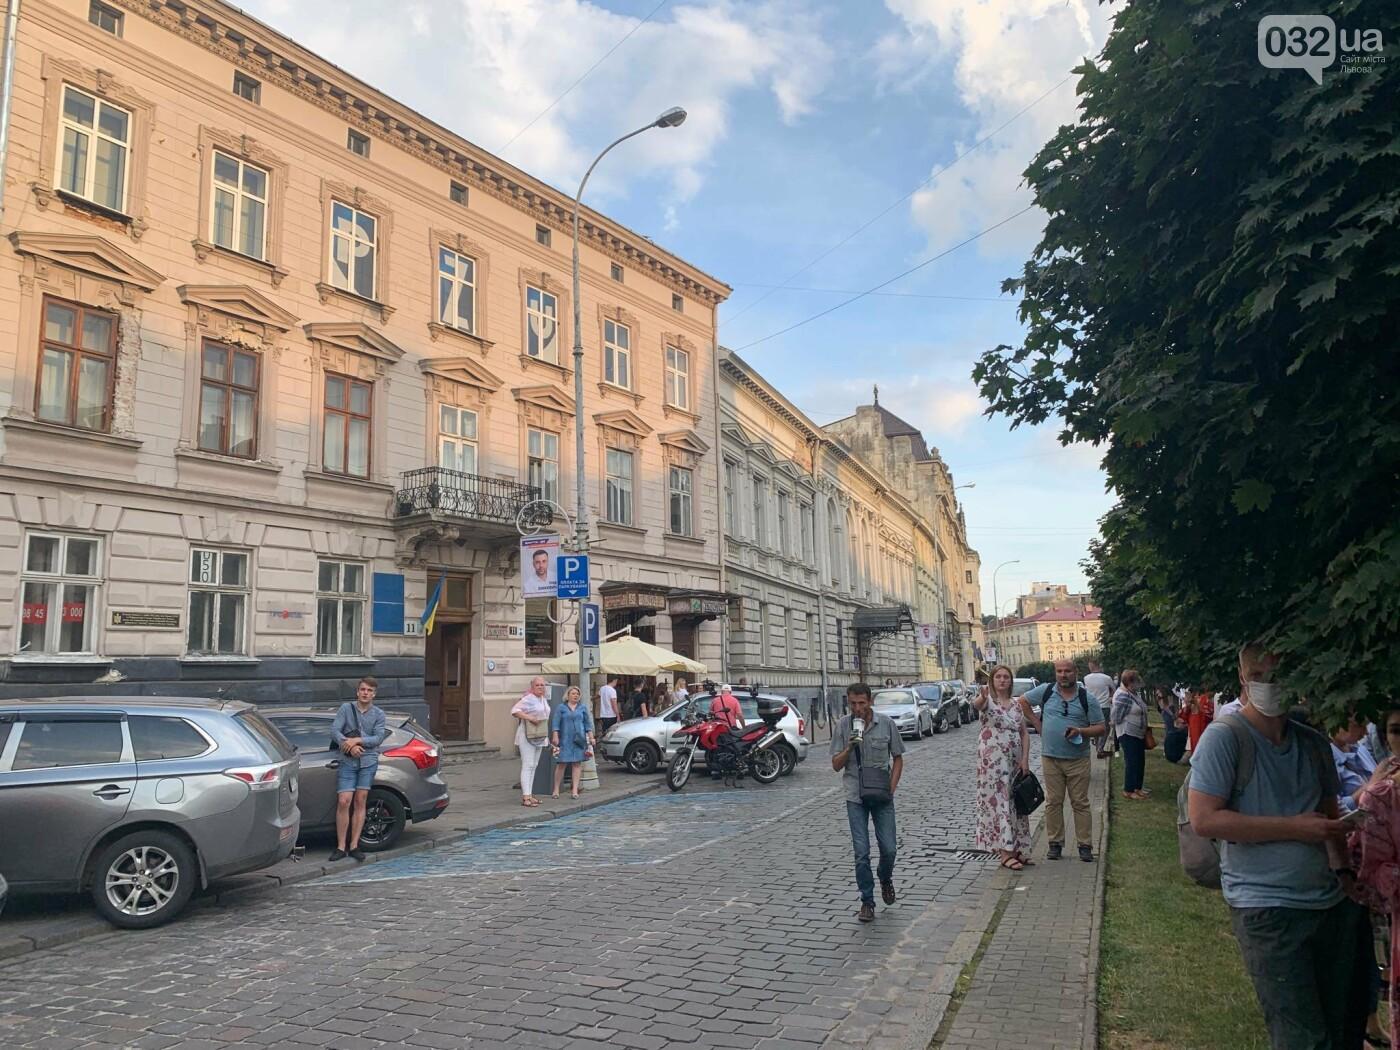 Фото Львова у День Незалежності України. Світлини - 032.ua